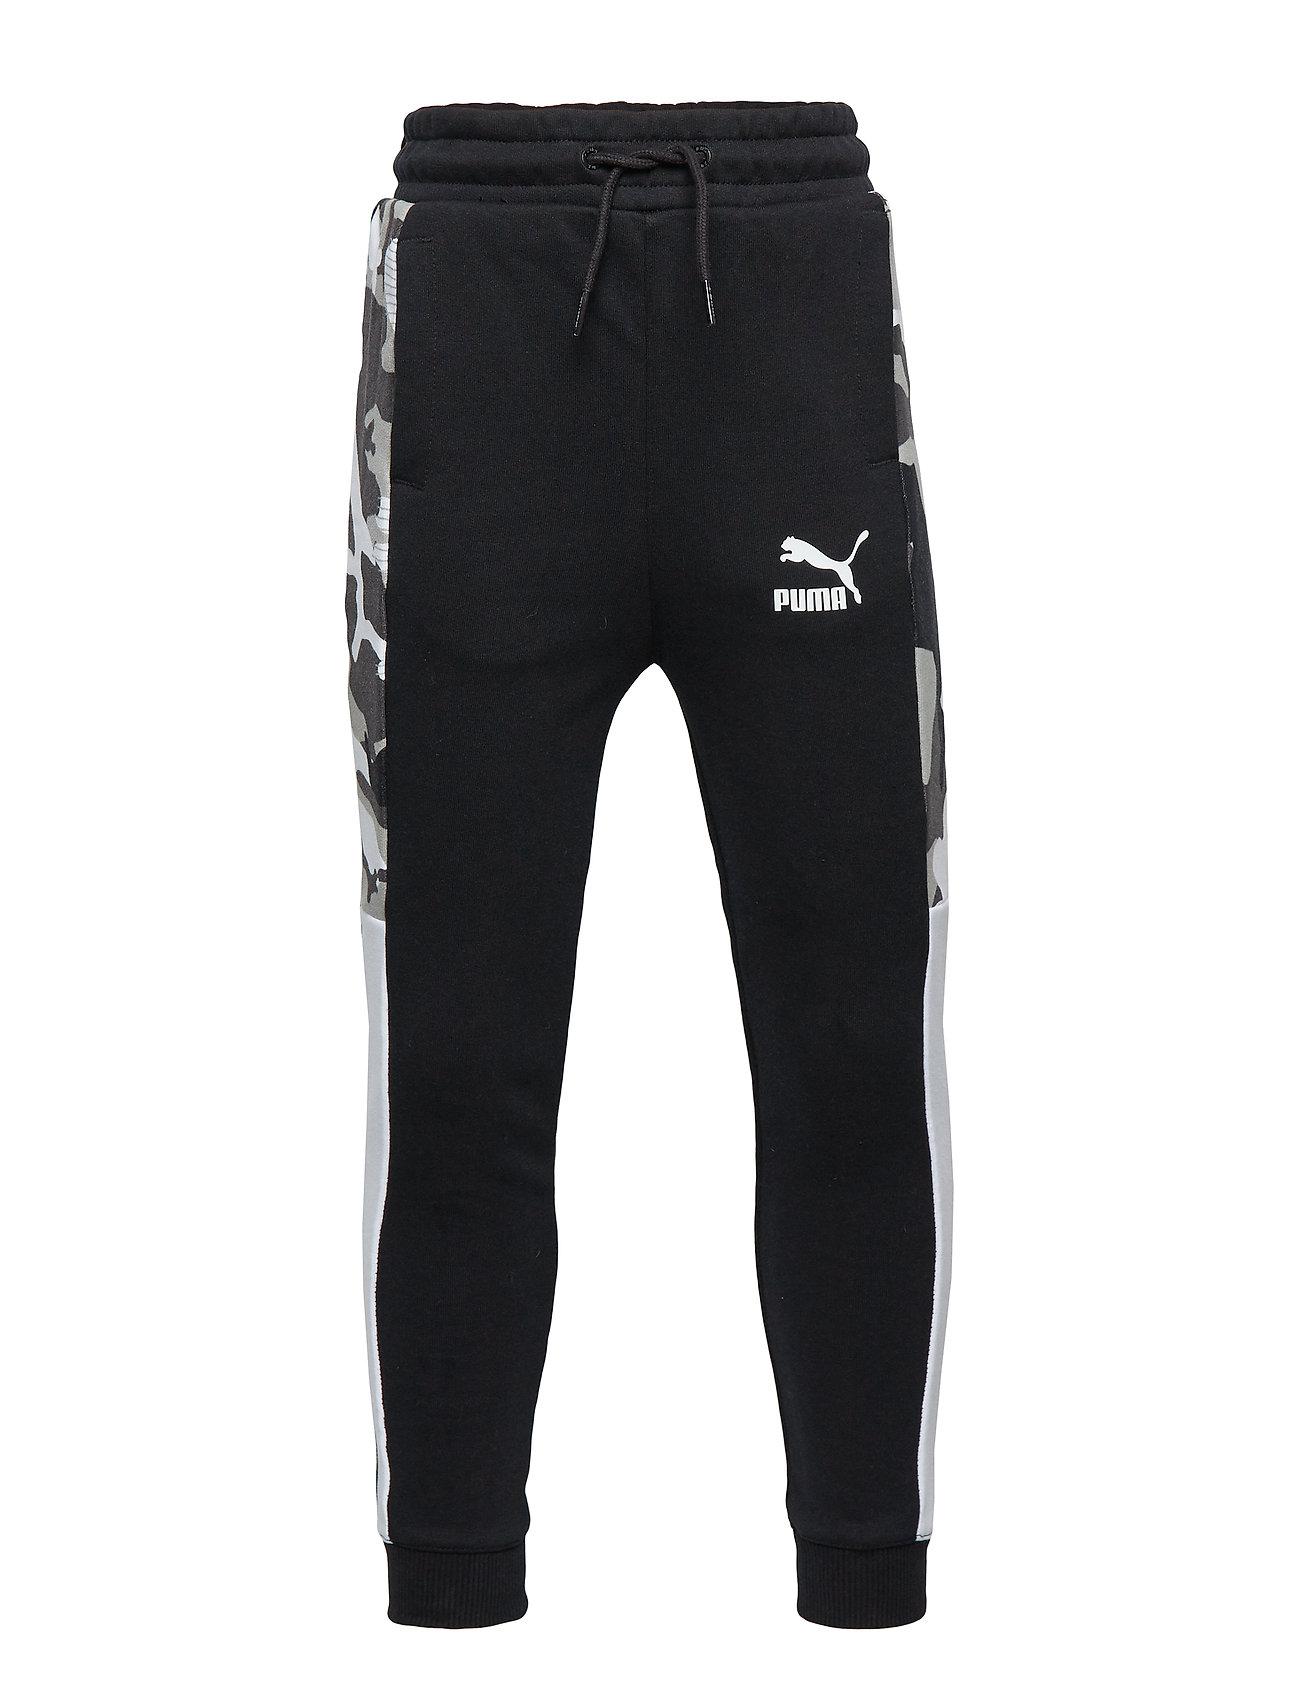 PUMA Classics T7 AOP Track Pants TR B - PUMA BLACK